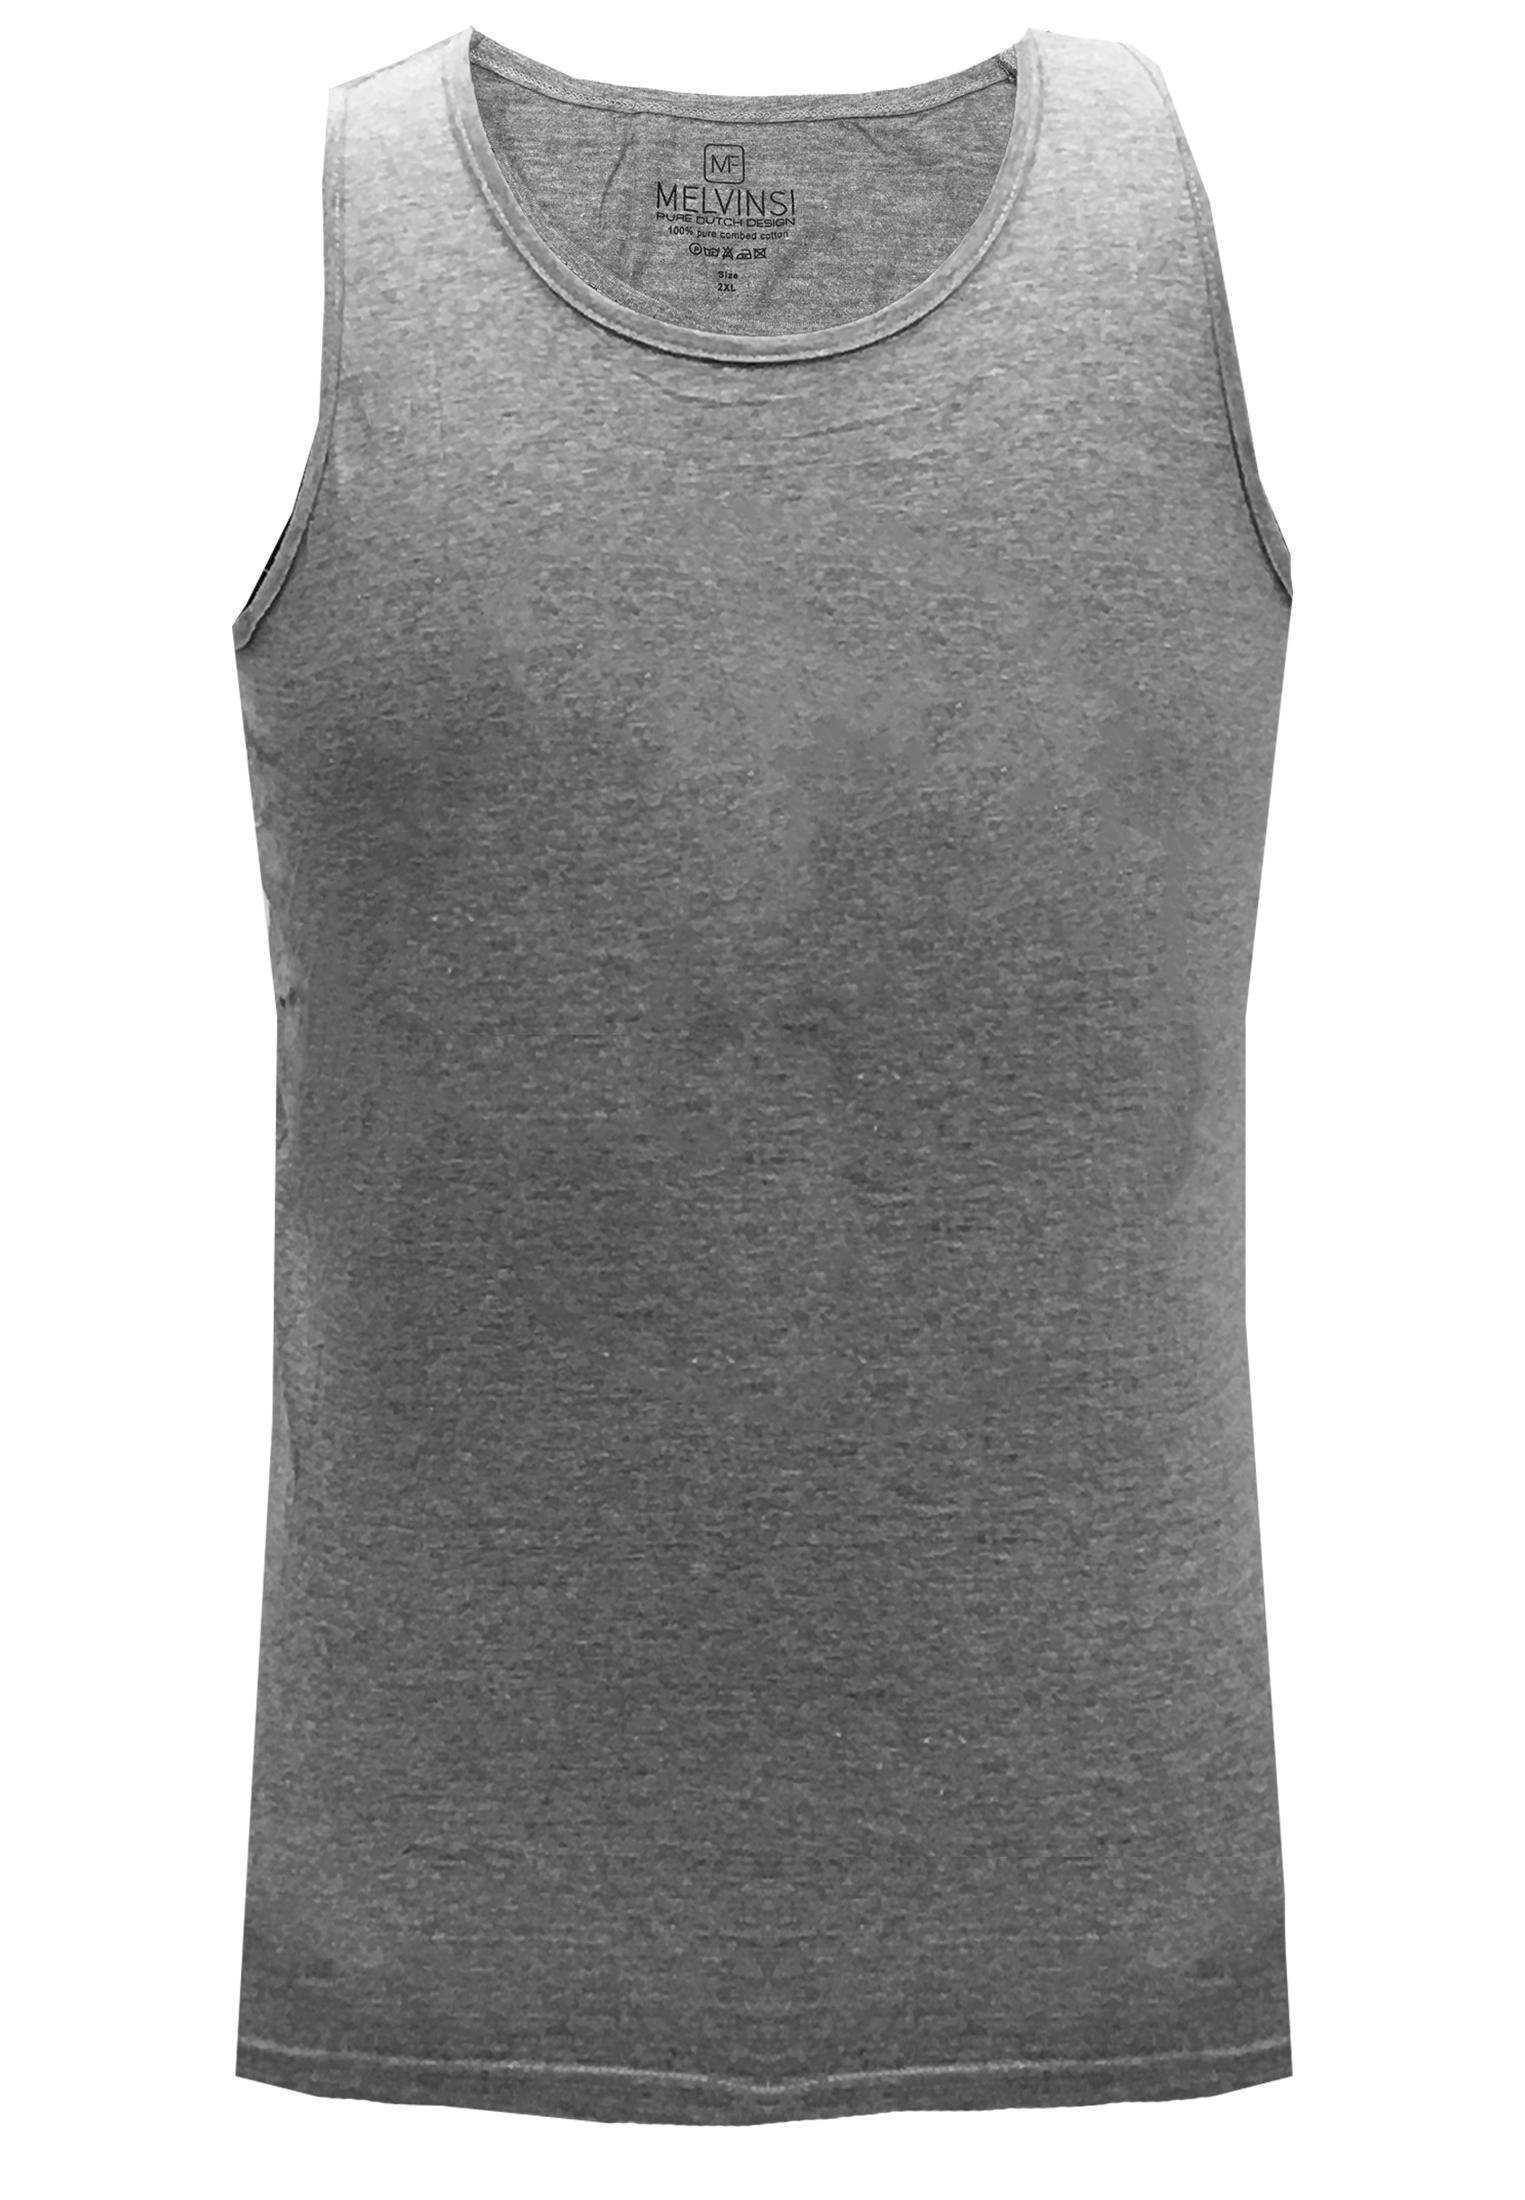 Basic effen tanktop van Melvinsi uitgevoerd in het grijs met ronde hals. Zeer multifunctionele tanktop om te dragen, bijvoorbeeld onder overhemden, T-shirts en truien maar ook ideaal te dragen met de warme dagen, als loungewear of als pyjama shirt.